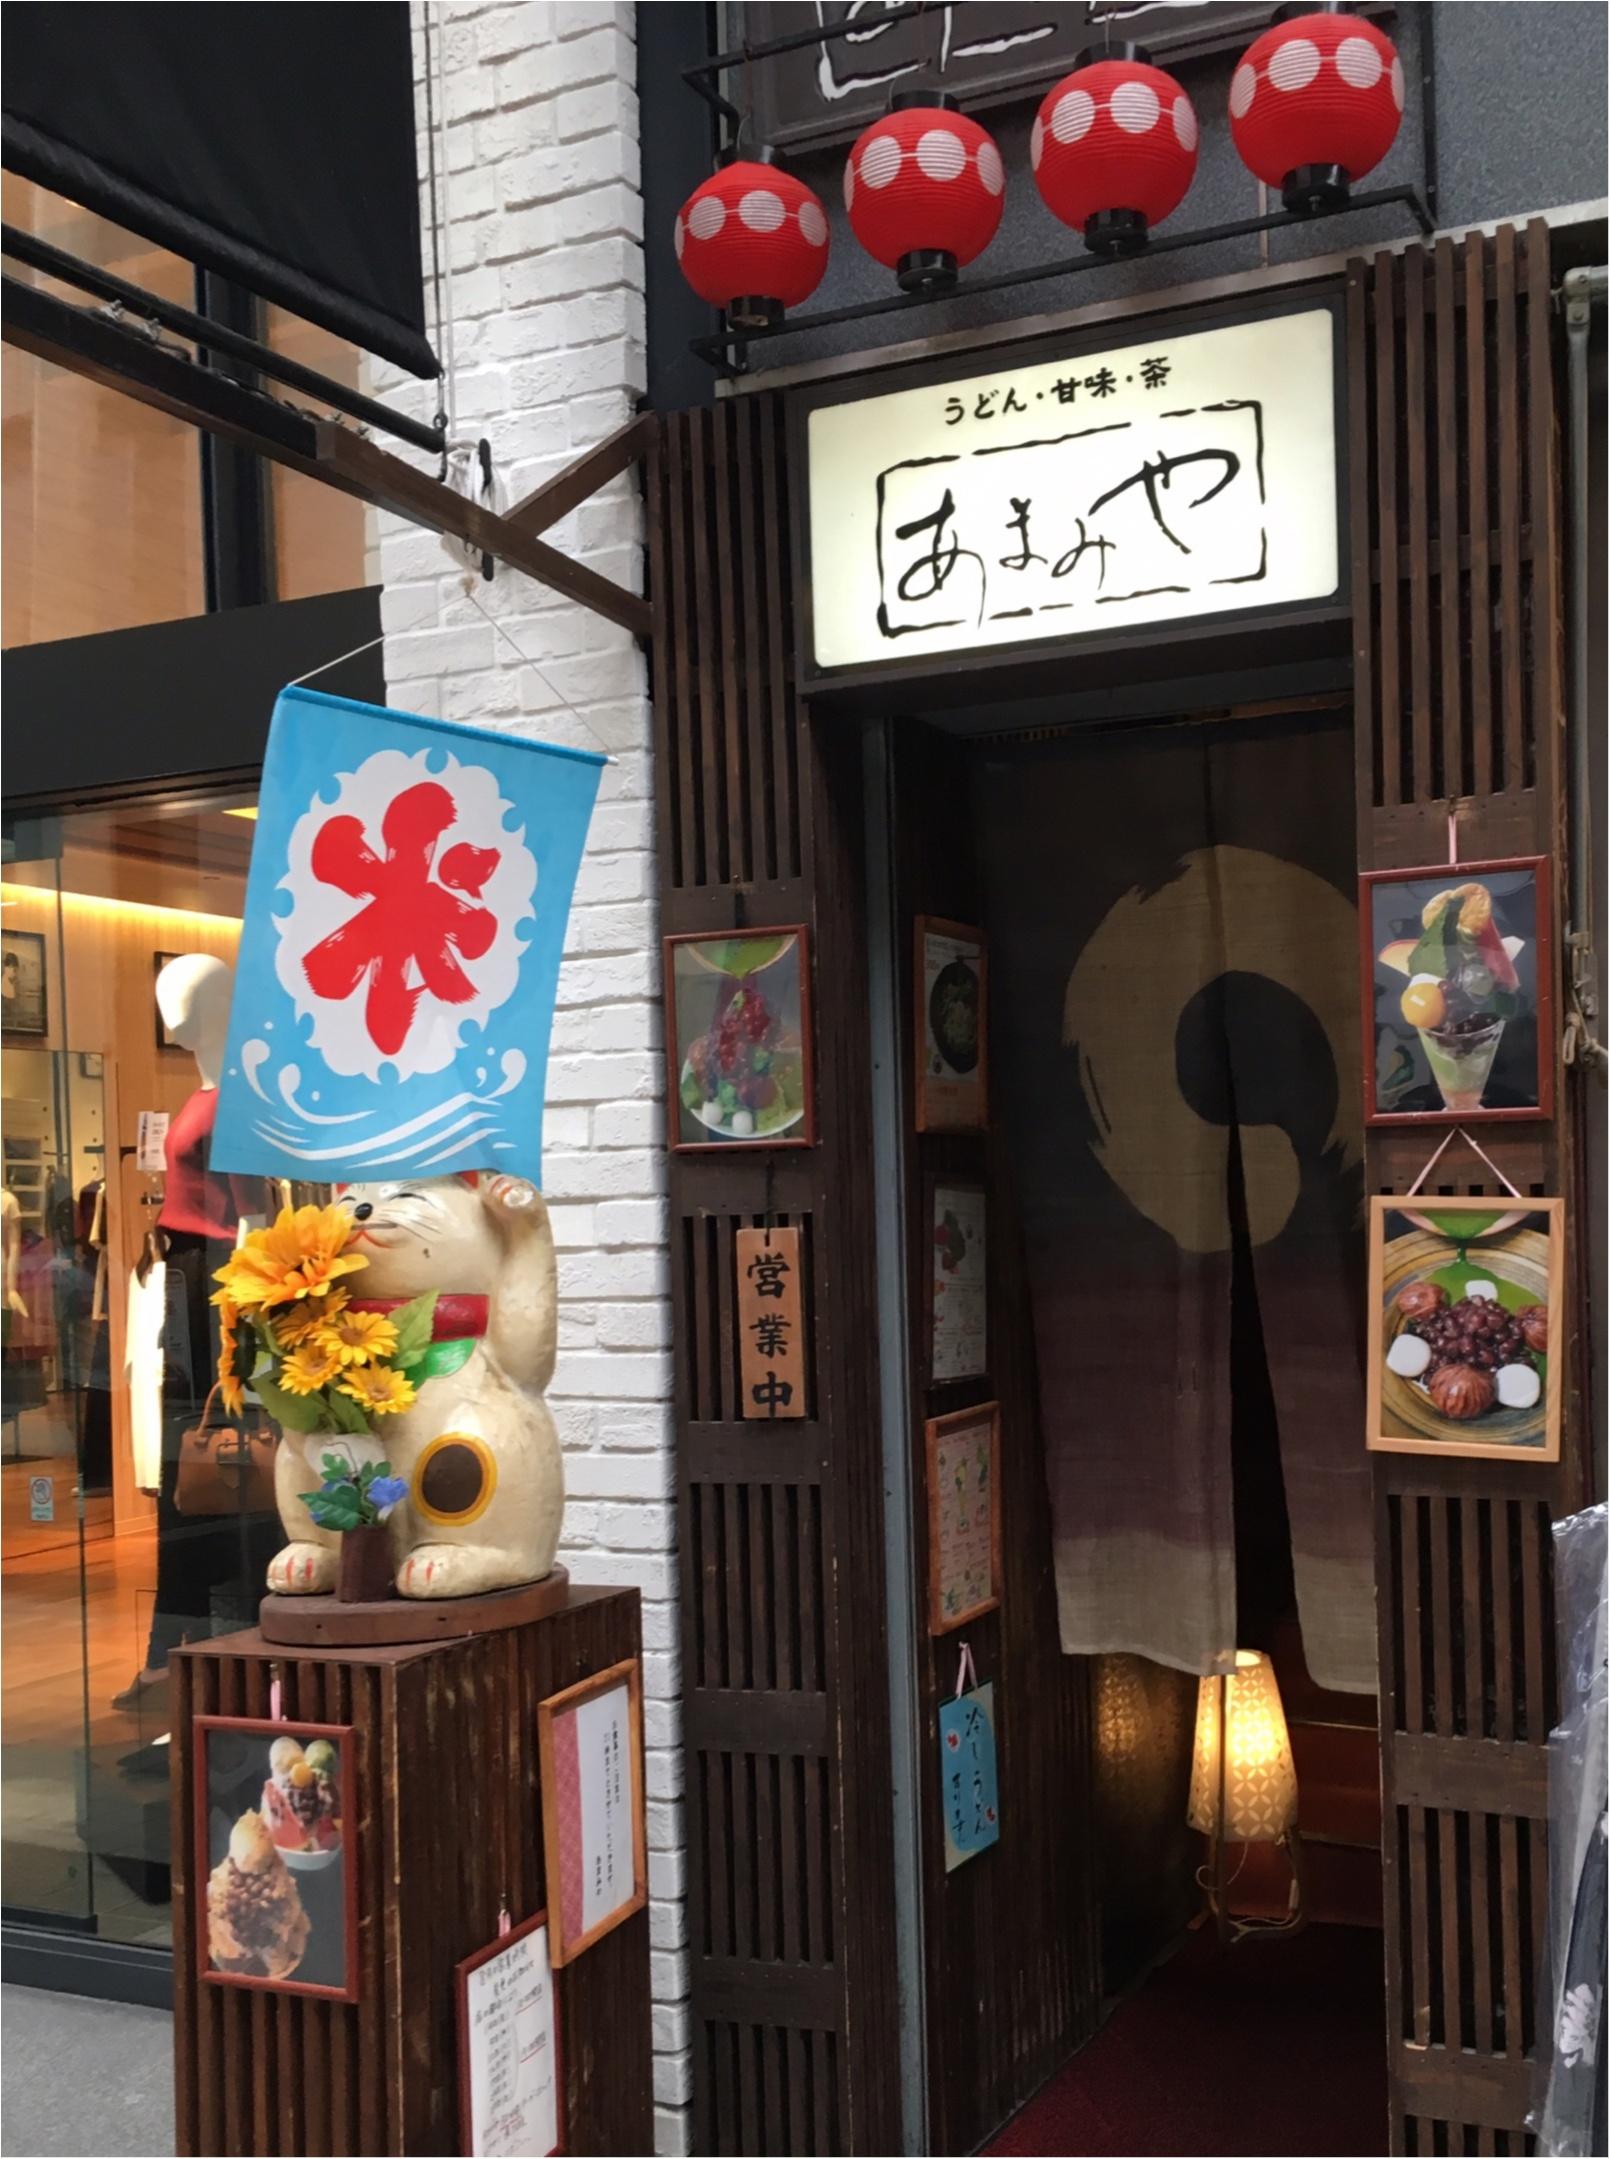 「ロコモコ丼」から「フレンチランチ」「黒カレー」まで! 熊本市内で私がオススメしたいランチまとめ!!!【#モアチャレ 熊本の魅力発信!】_8